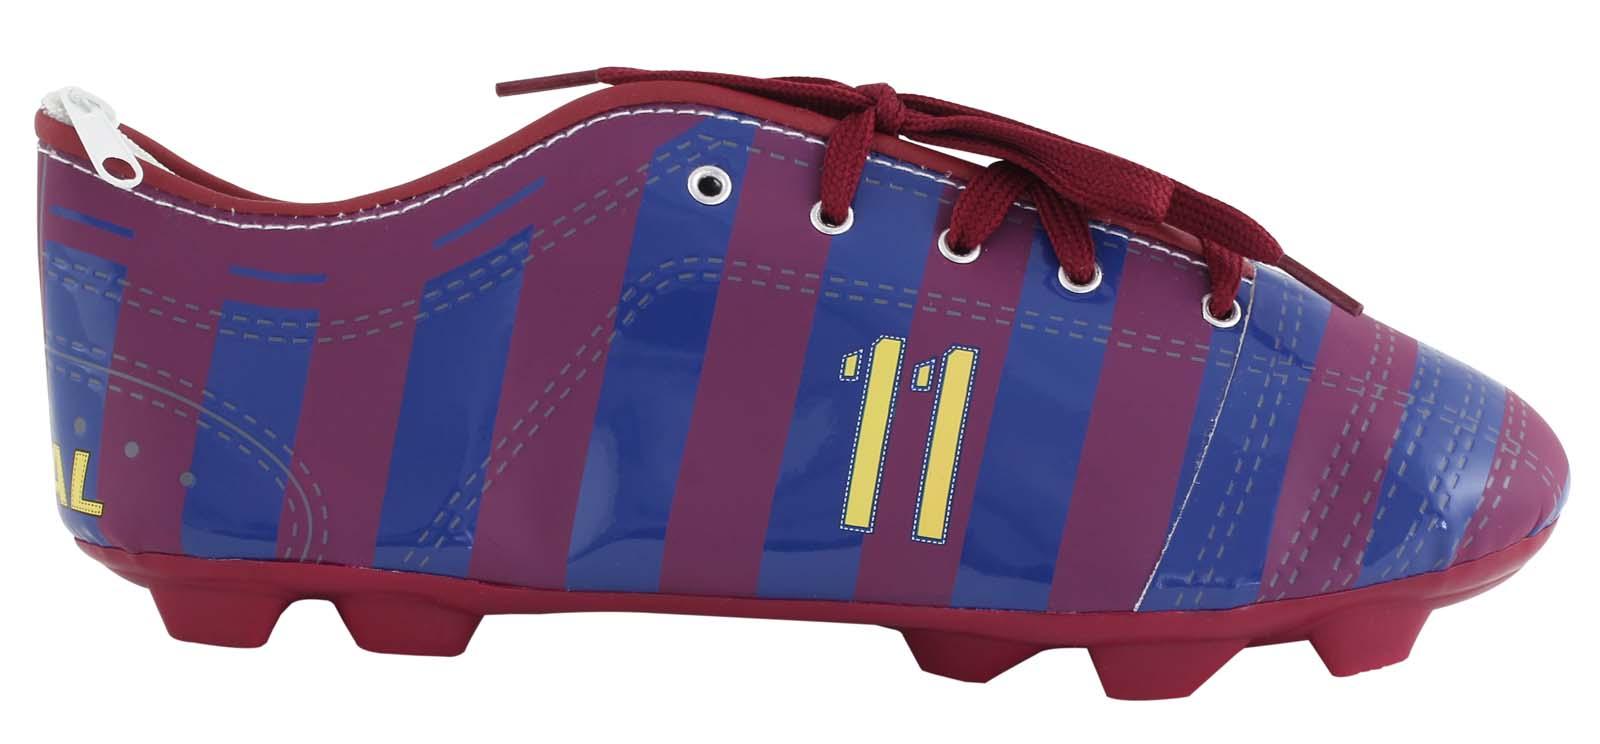 Target Collection Пенал FC Barcelona17529Пенал Target Collection FC Barcelona станет не только практичным, но и стильным аксессуаром для любого школьника. Пенал из прочного полиэстера выполнен в виде бутсы и состоит из одного вместительного отделения, закрывающегося на застежку-молнию. Пенал дополнен шнуровкой.Такой пенал станет незаменимым помощником для школьника, с ним ручки и карандаши всегда будут под рукой и больше не потеряются.